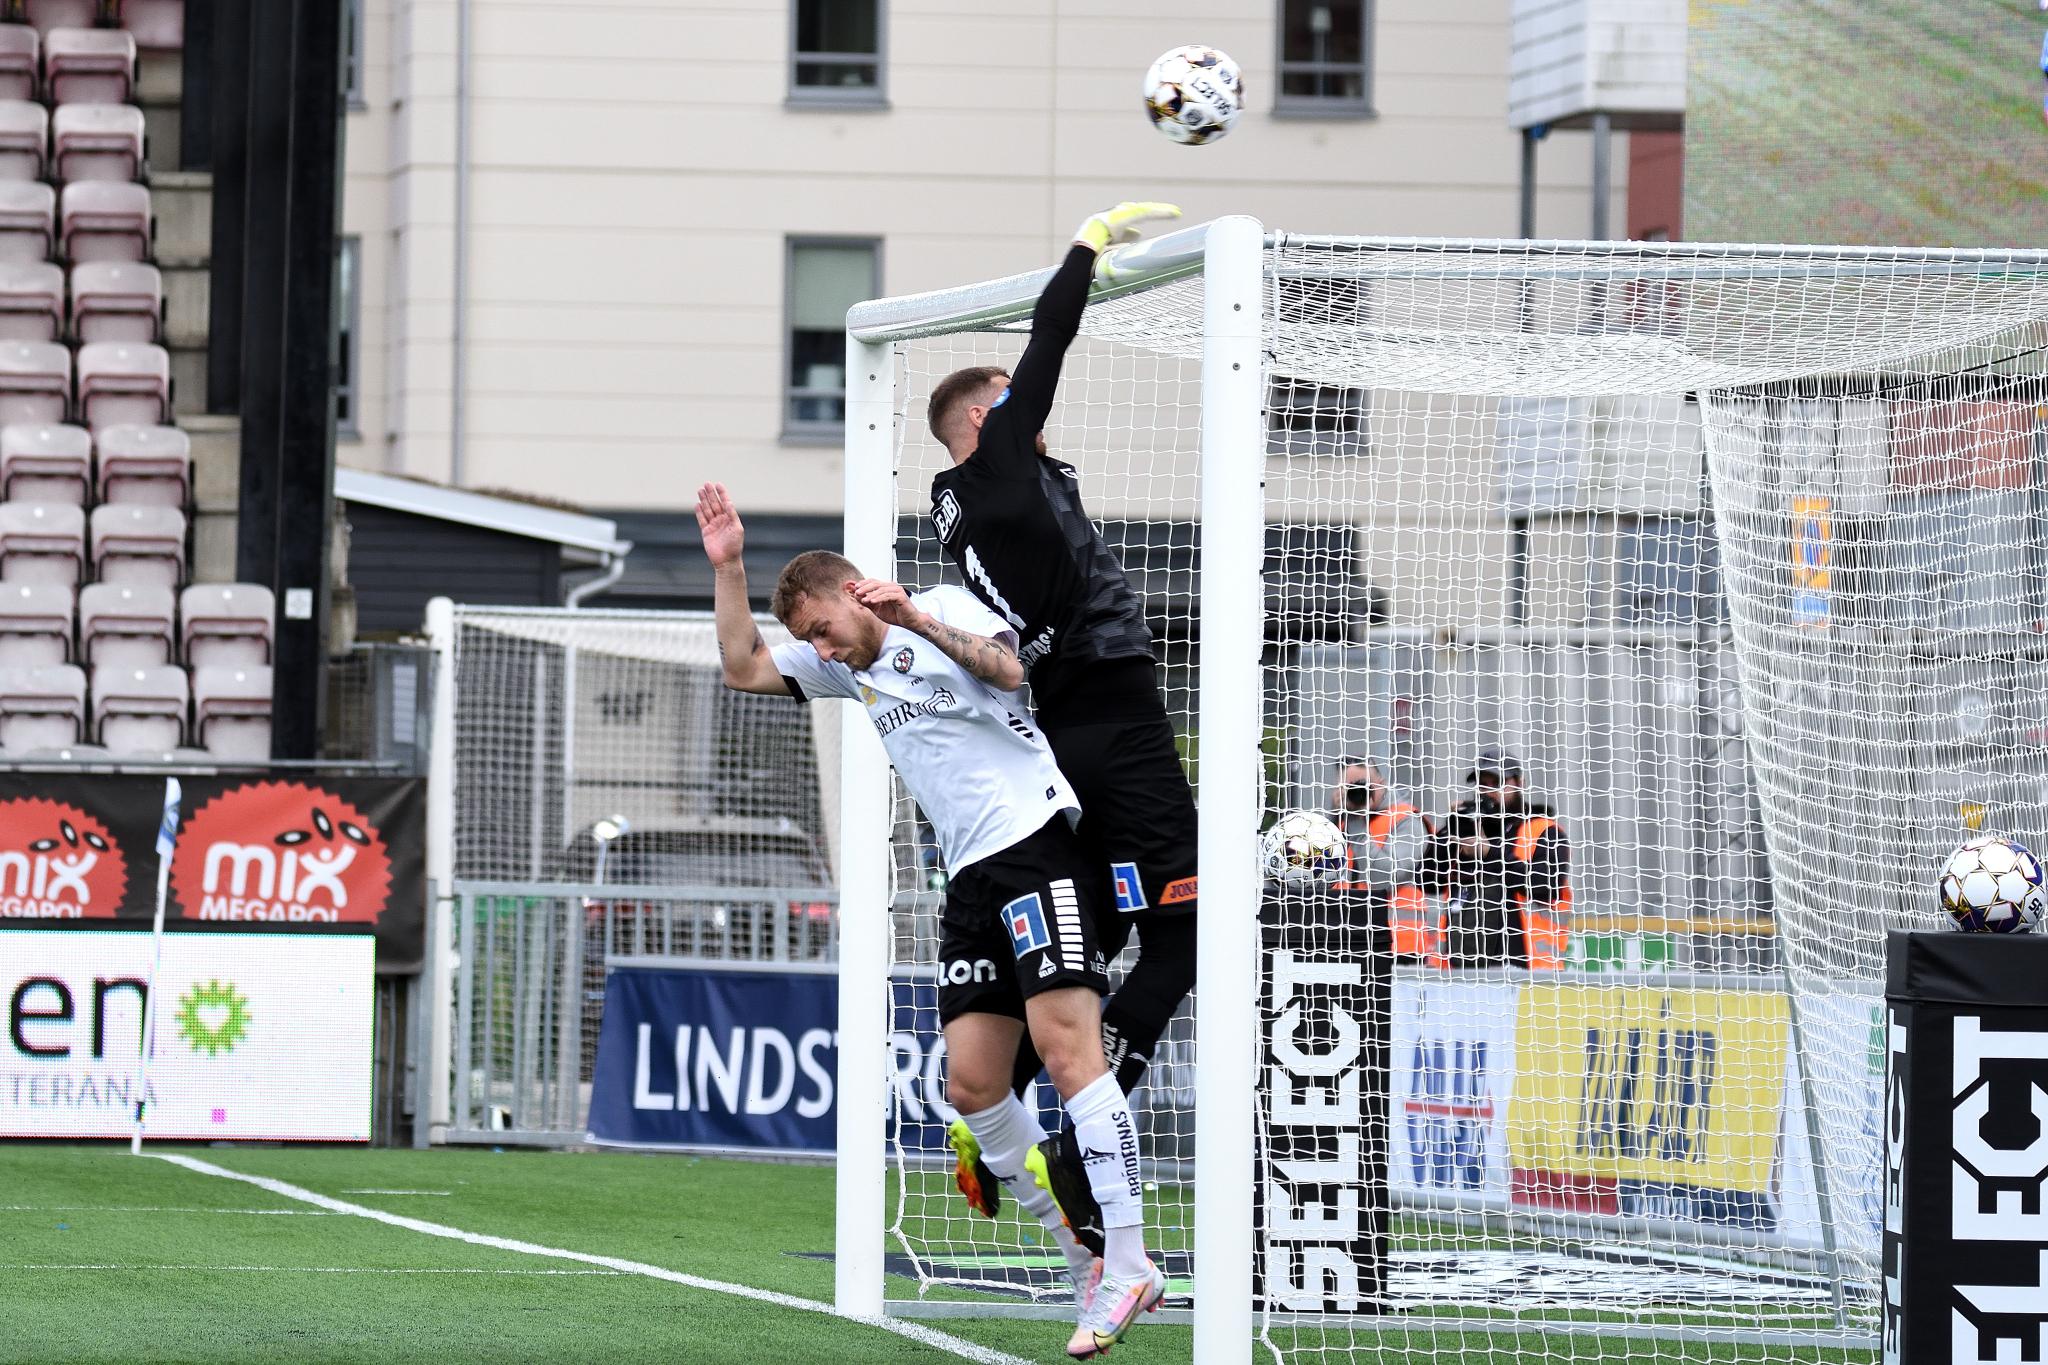 Efterlängtad seger för Örebro